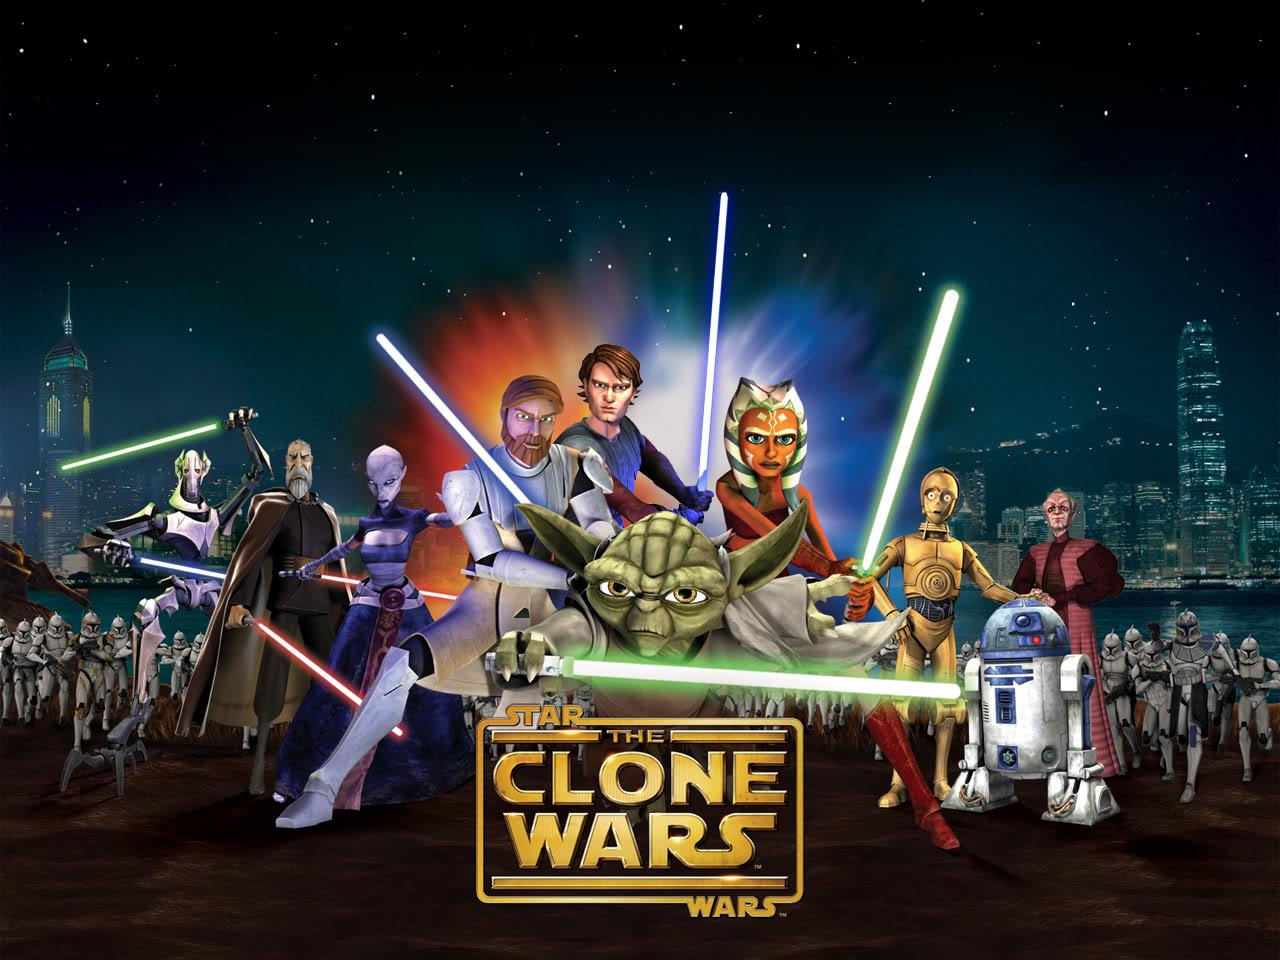 Clone Wars Seasons 01-05 DVDRips/ BDRips Clonewarsgroup